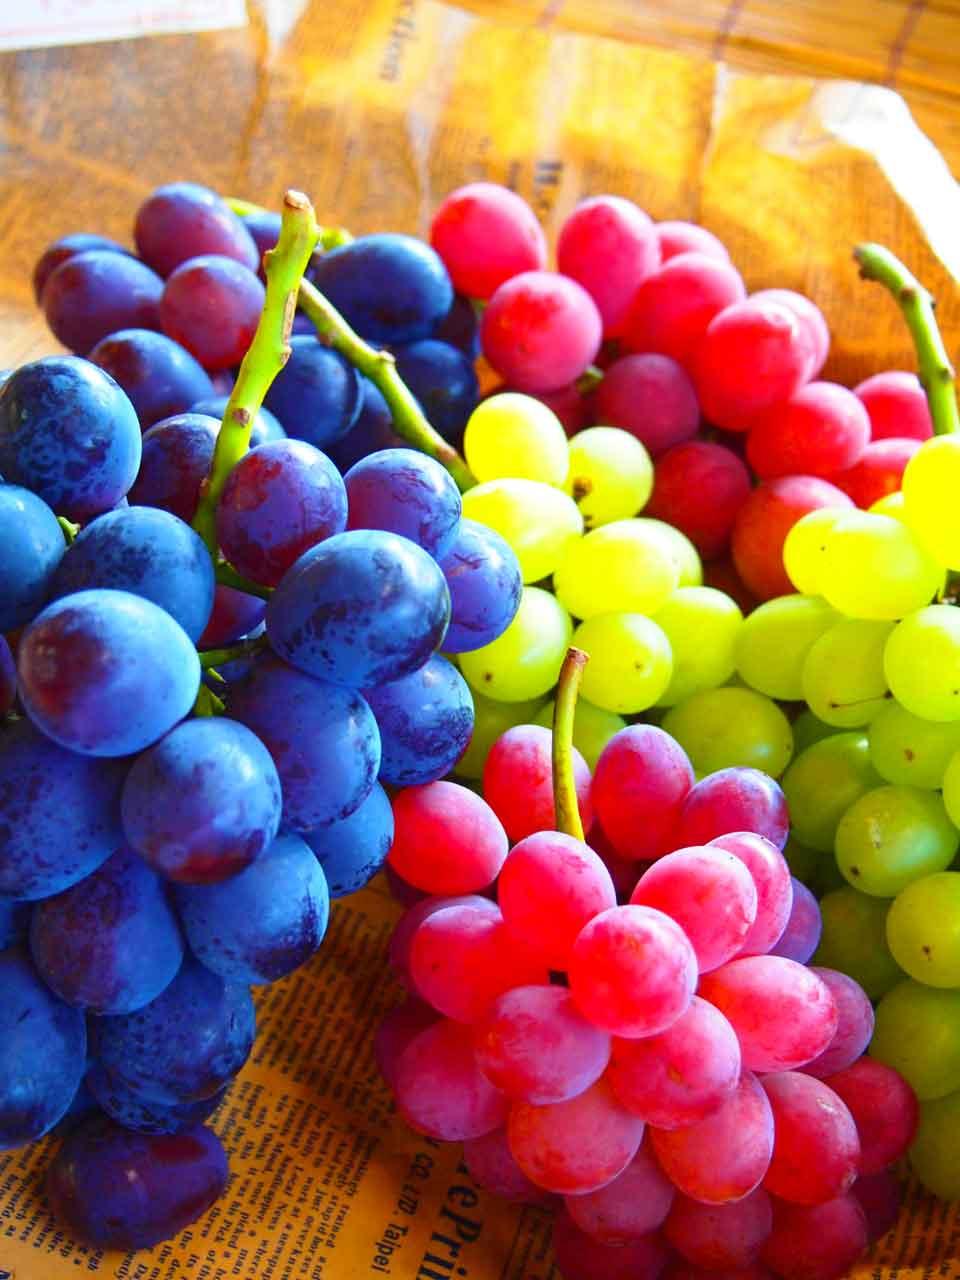 Виноград имеет высокую концентрацию многих витаминов и минералов.